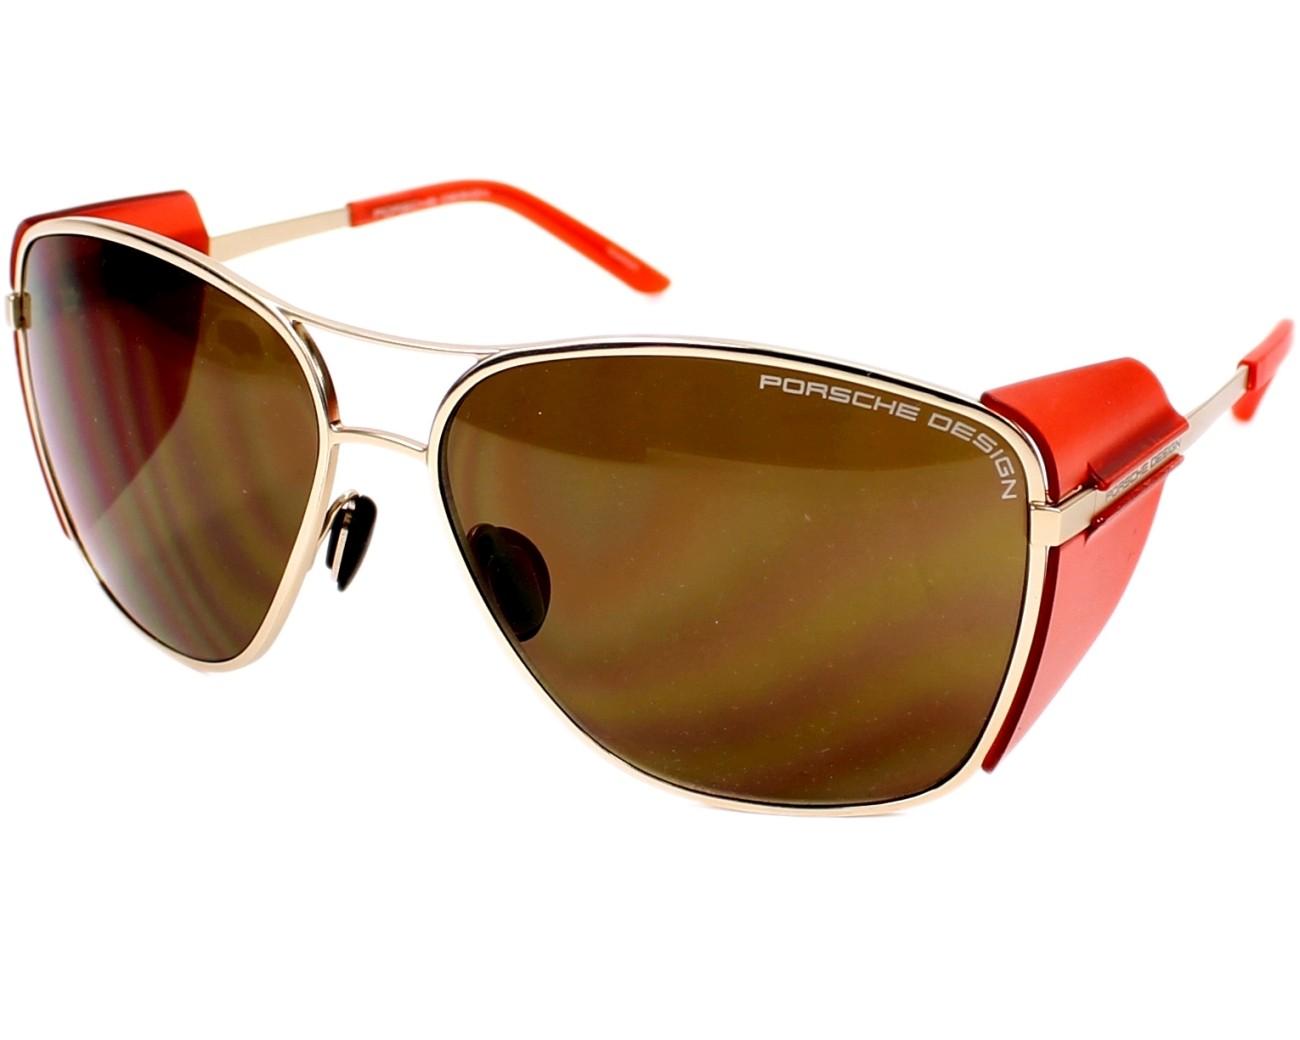 91a38da85256b Trouvez vos lunettes de soleil Porsche Design en promotion toute l année